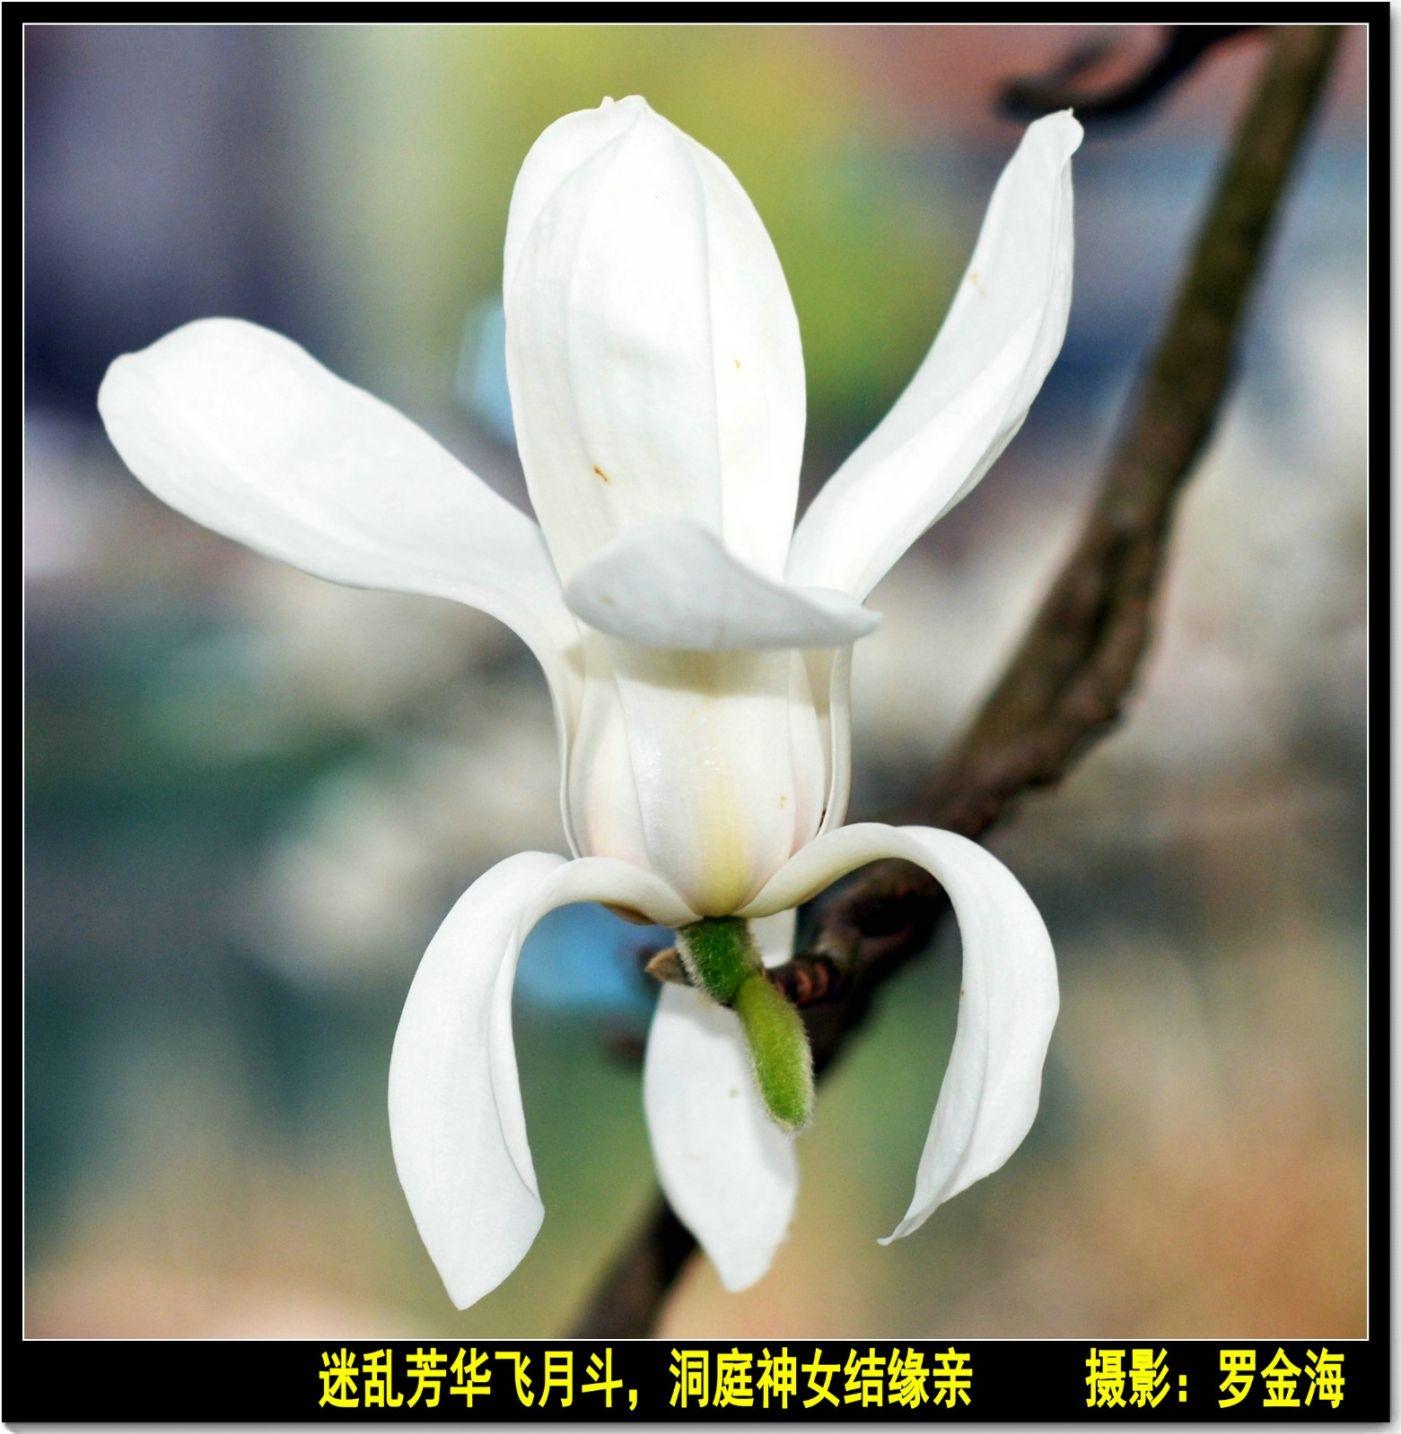 玉兰花赞(七律)_图1-1